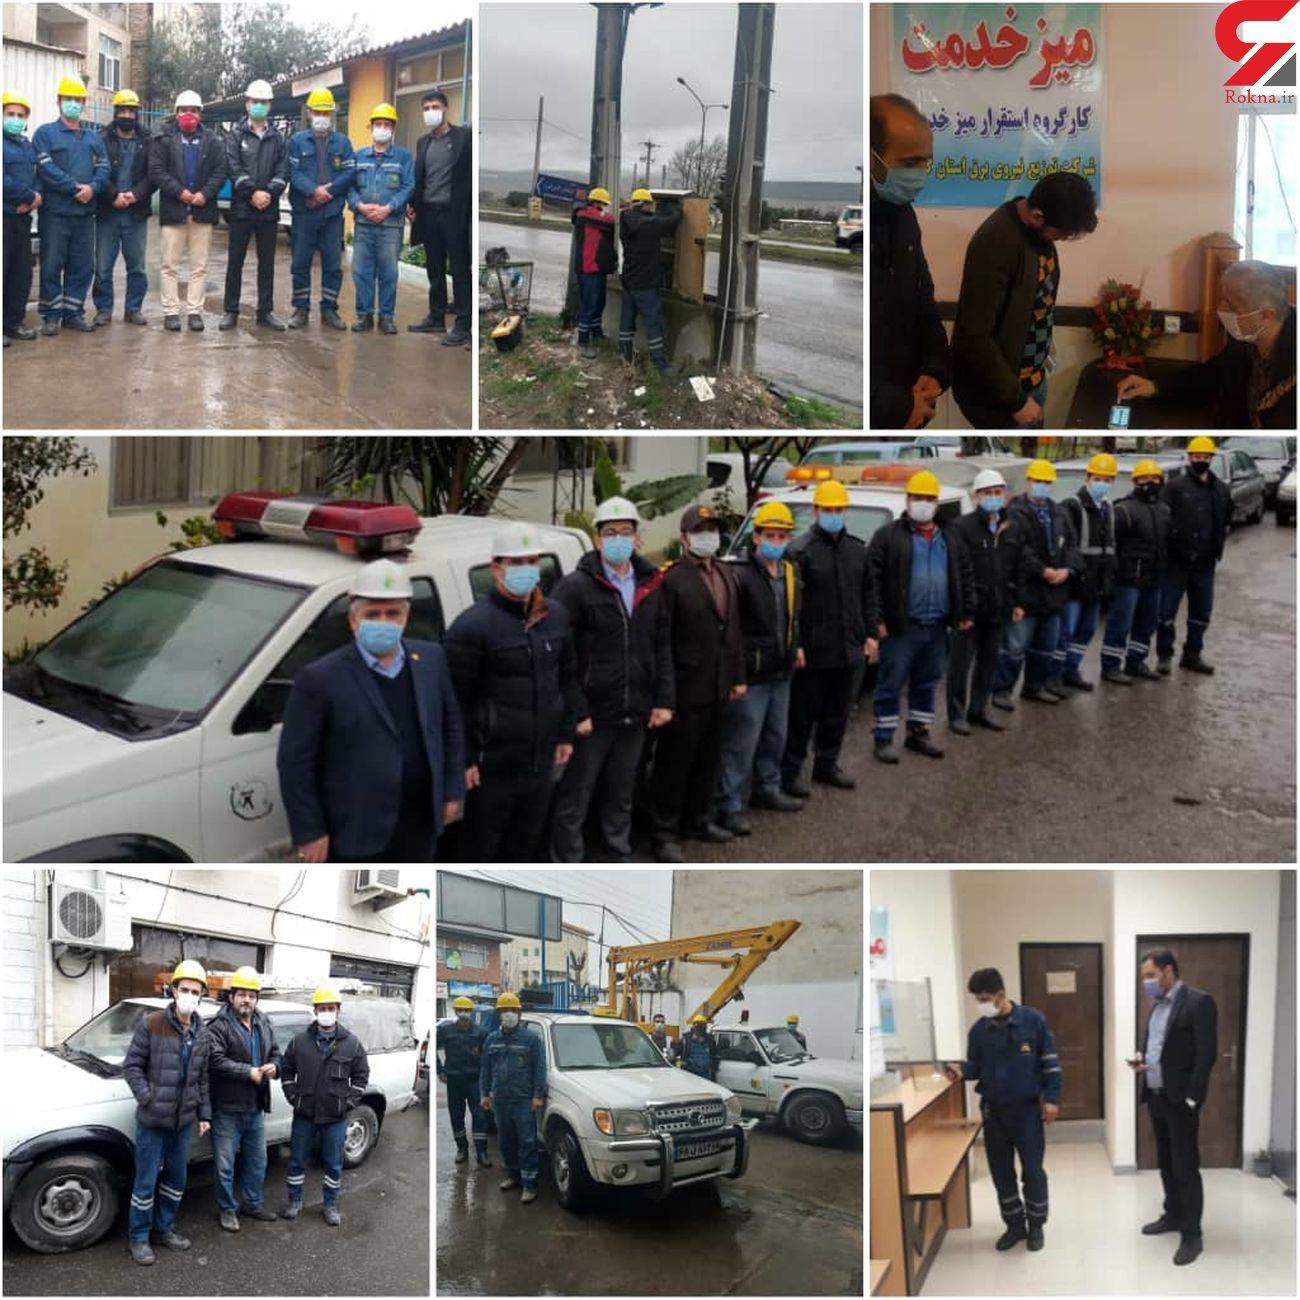 آغاز چهارمین مانورسراسری شرکت های توزیع نیروی برق  در استان گیلان